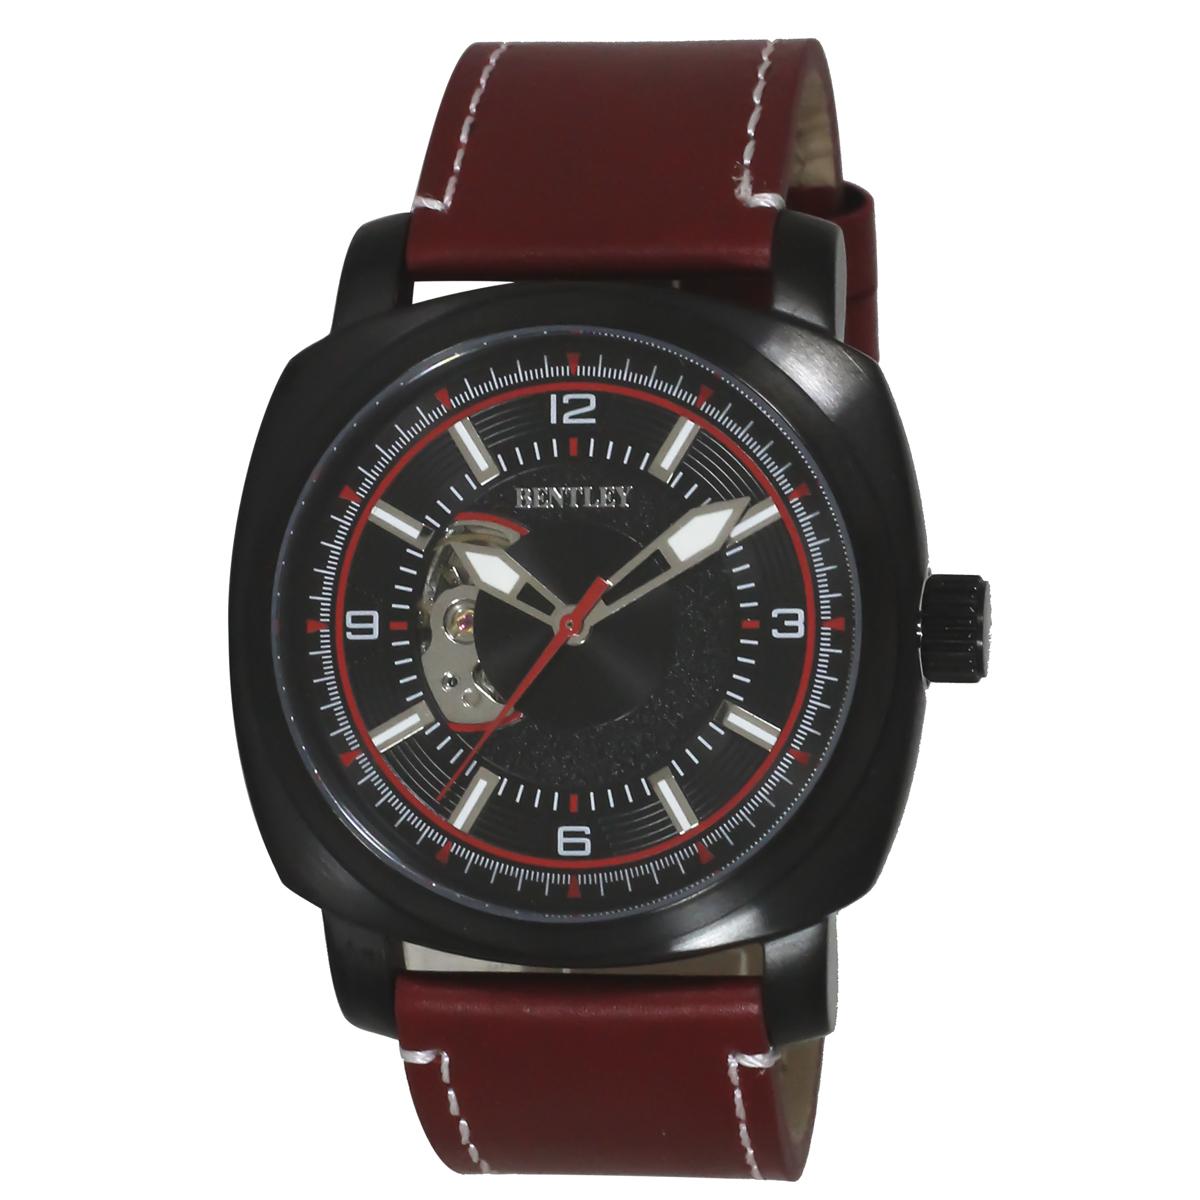 機械式腕時計 アナログウォッチ メンズ BENTLEY ベントレー【BT-AM078】